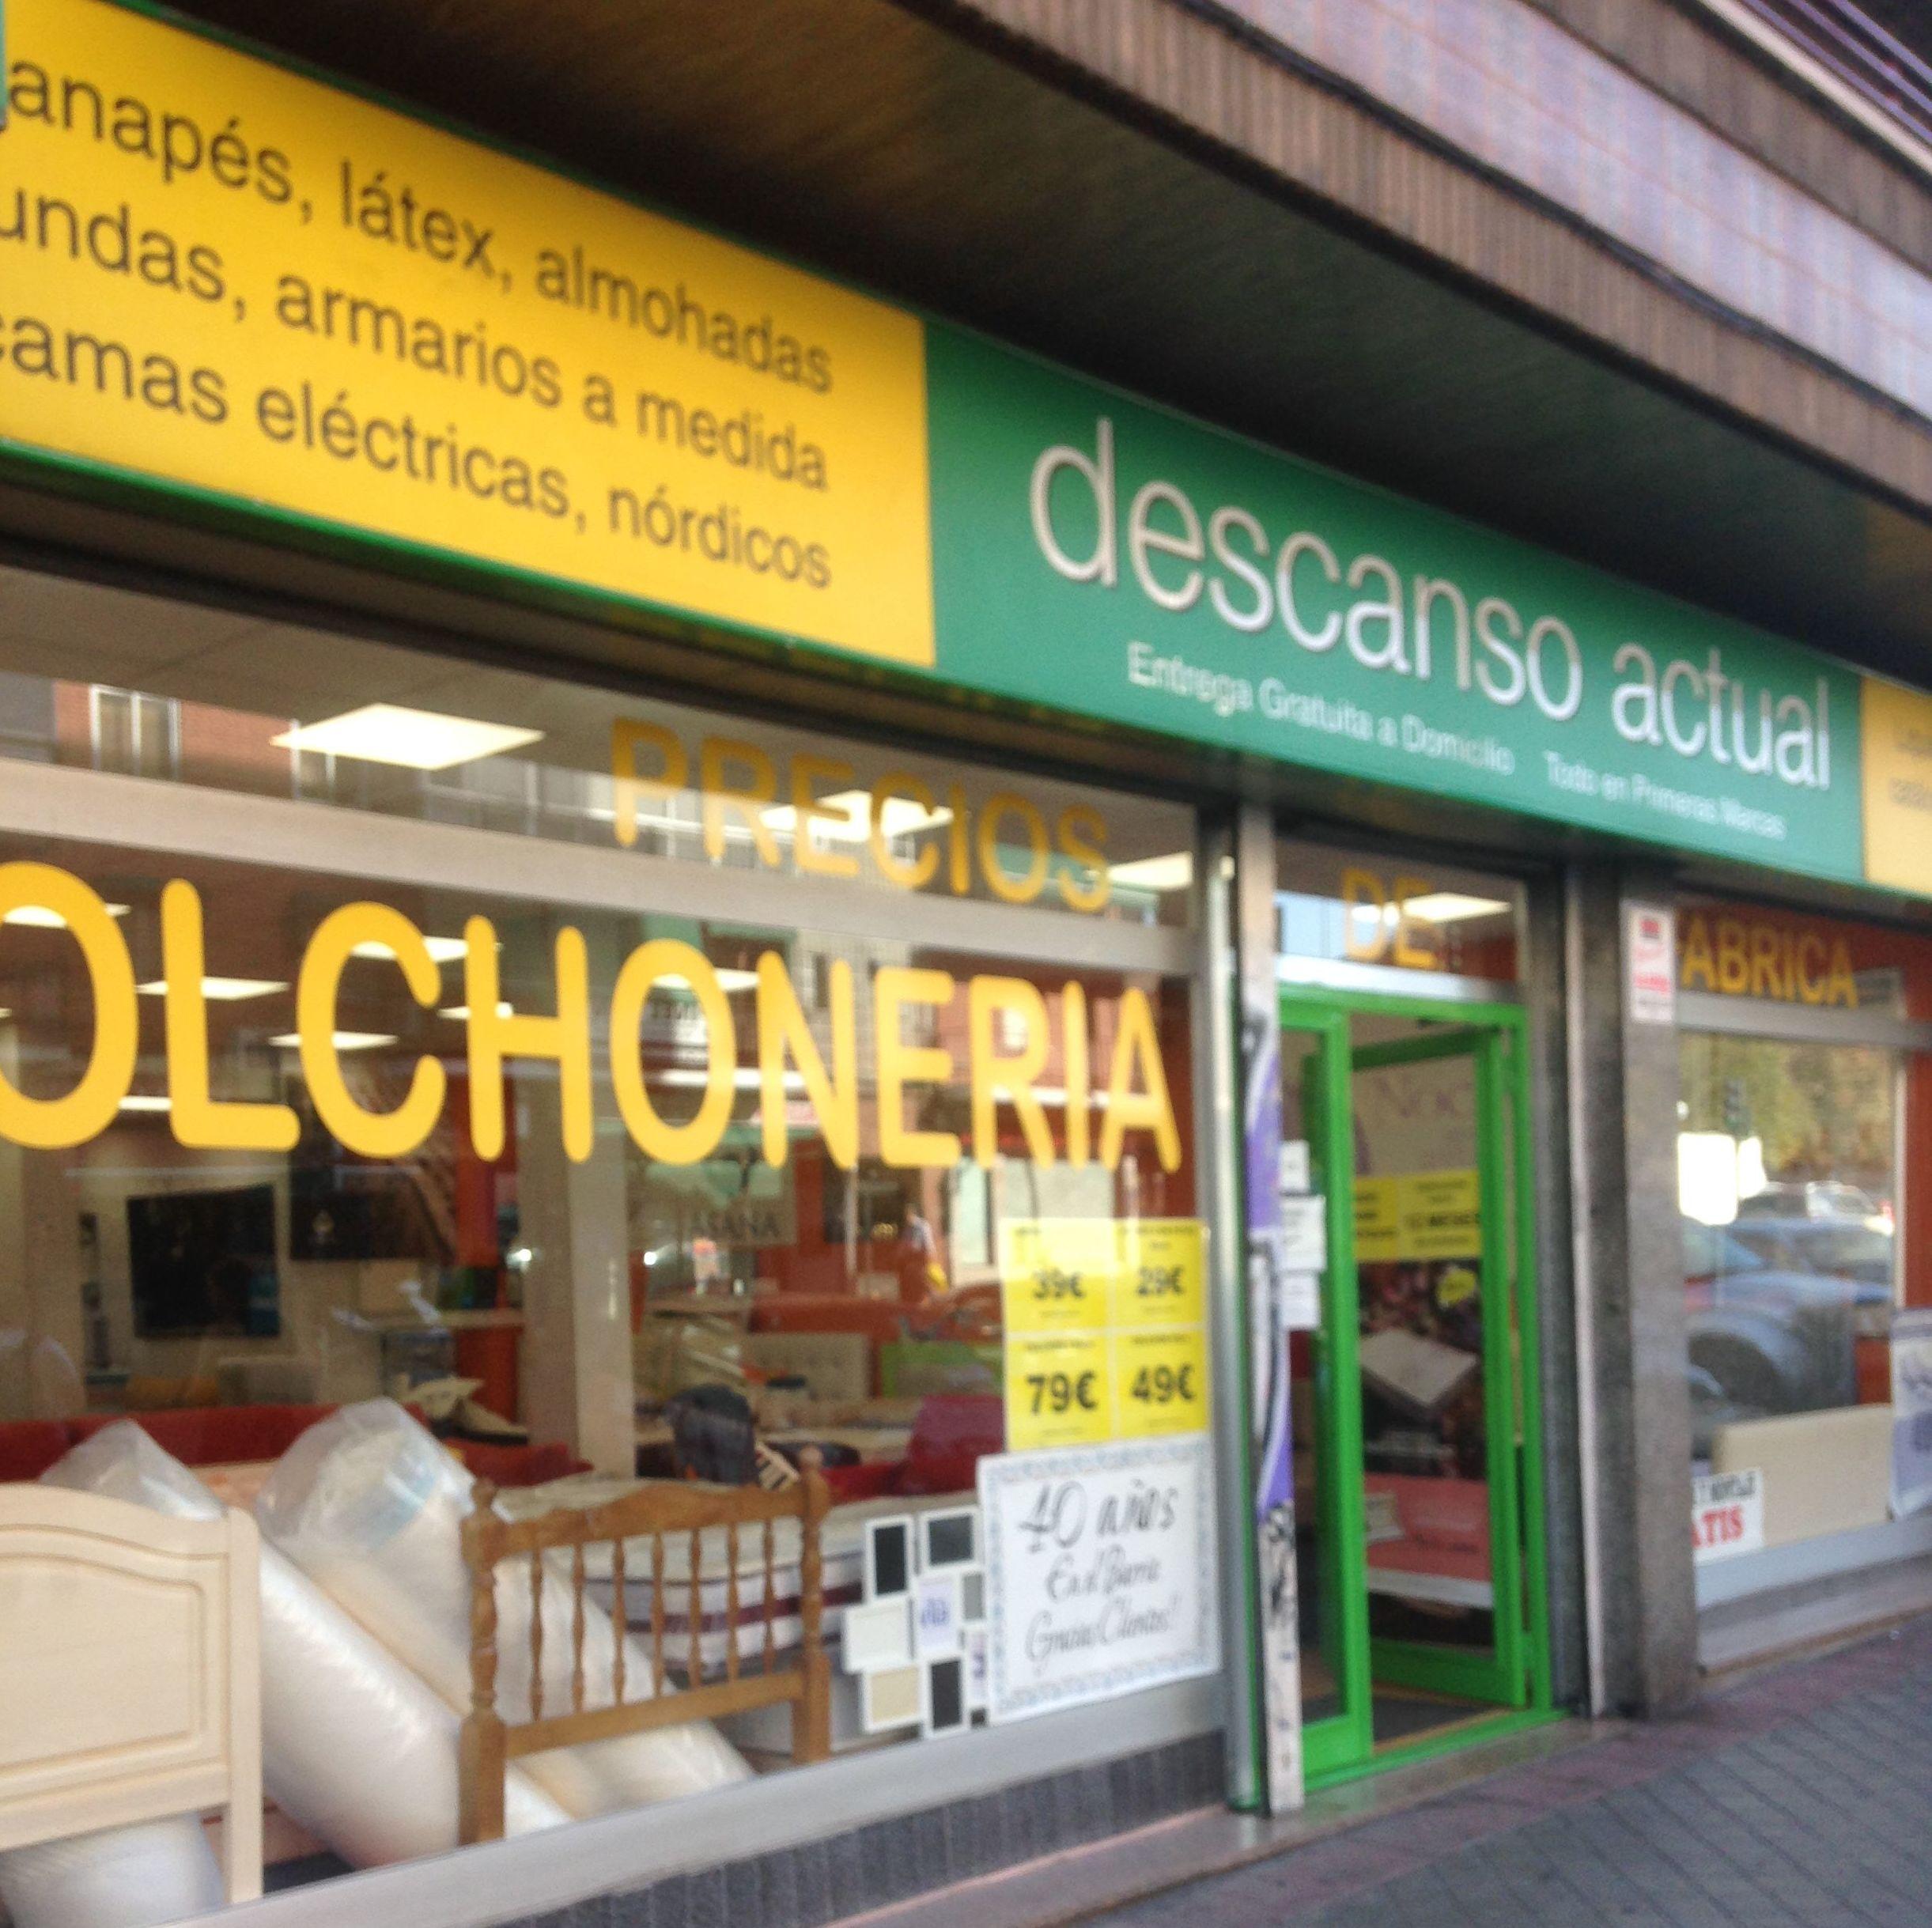 Tienda de colchones en Carabanchel